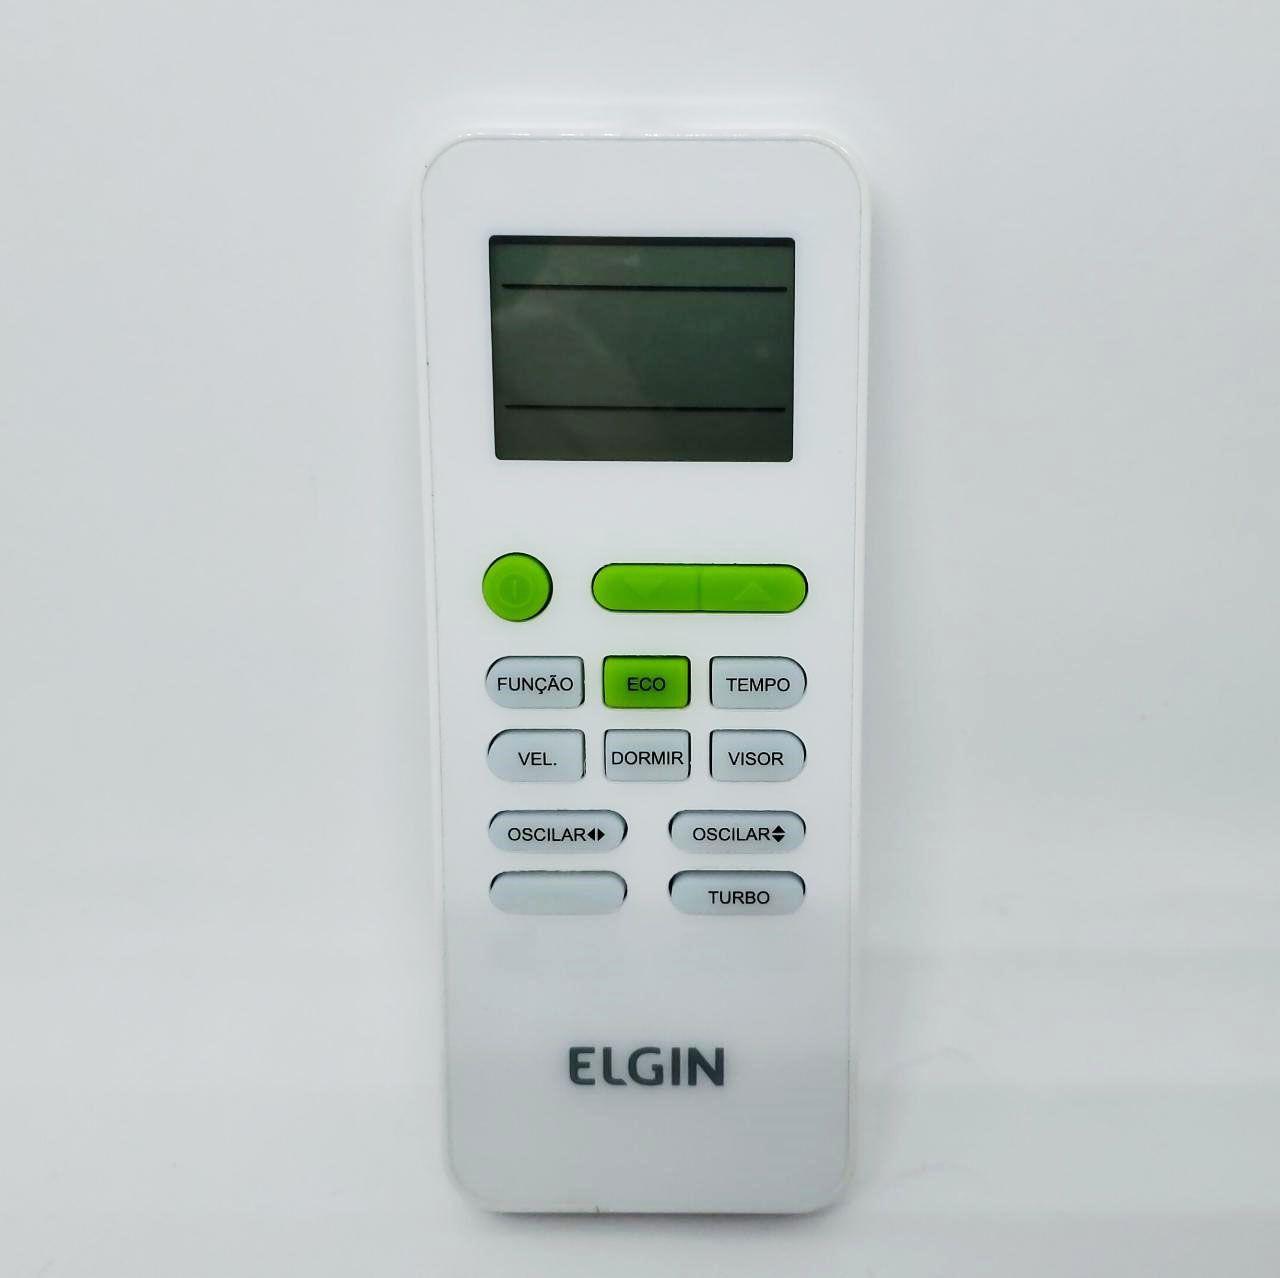 CONTROLE REMOTO ELGIN (CASSETE K7 / PISO TETO) 9000 A 80000